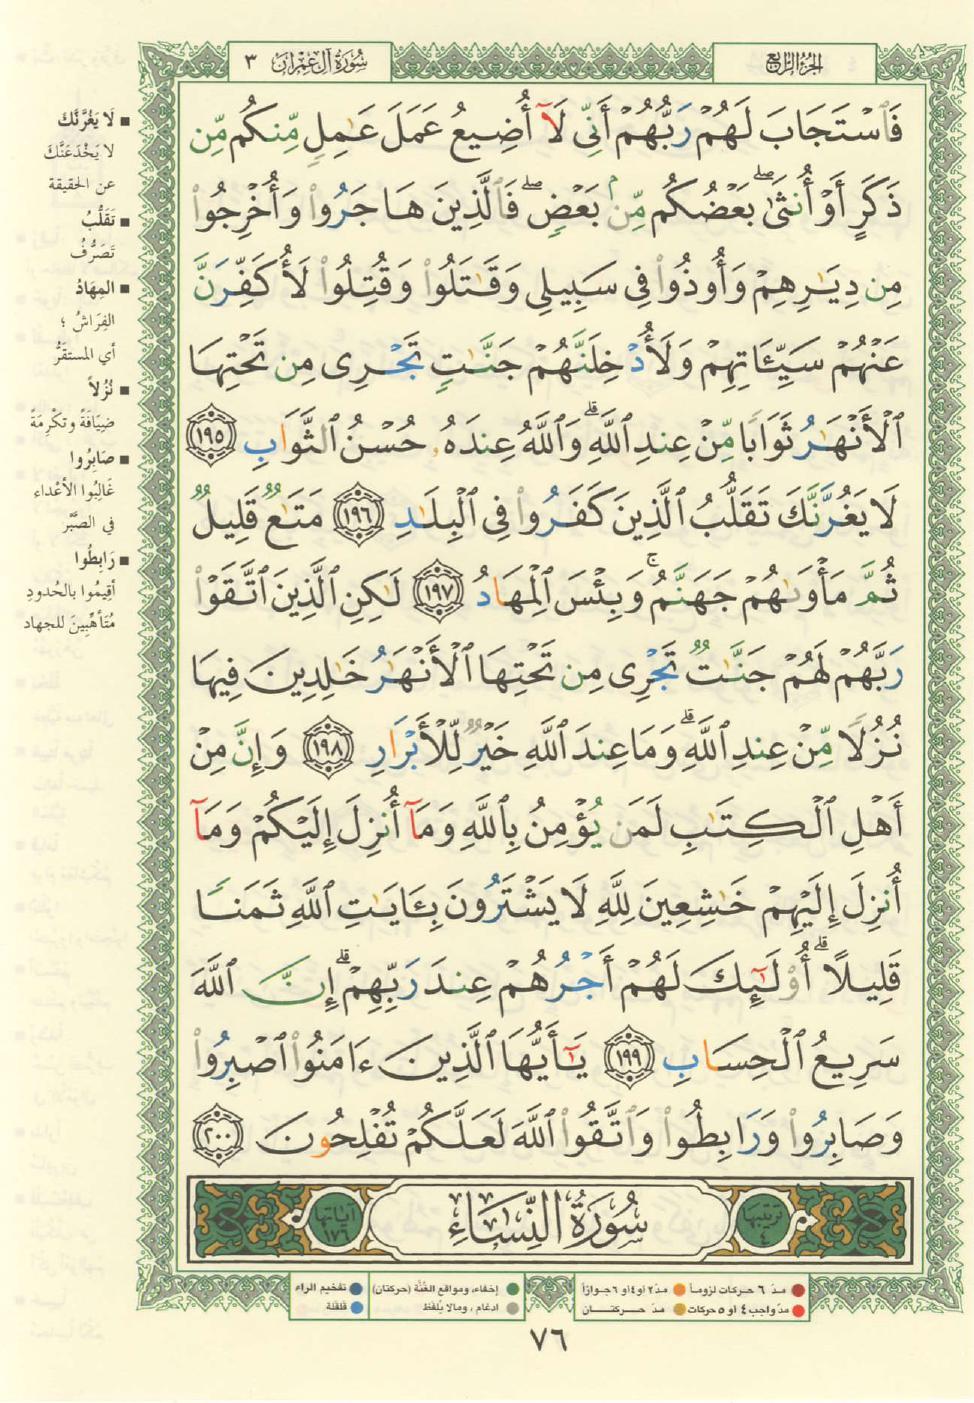 3. سورة آل عمران - Al-Imran مصورة من المصحف الشريف Quran_tajwid_000085